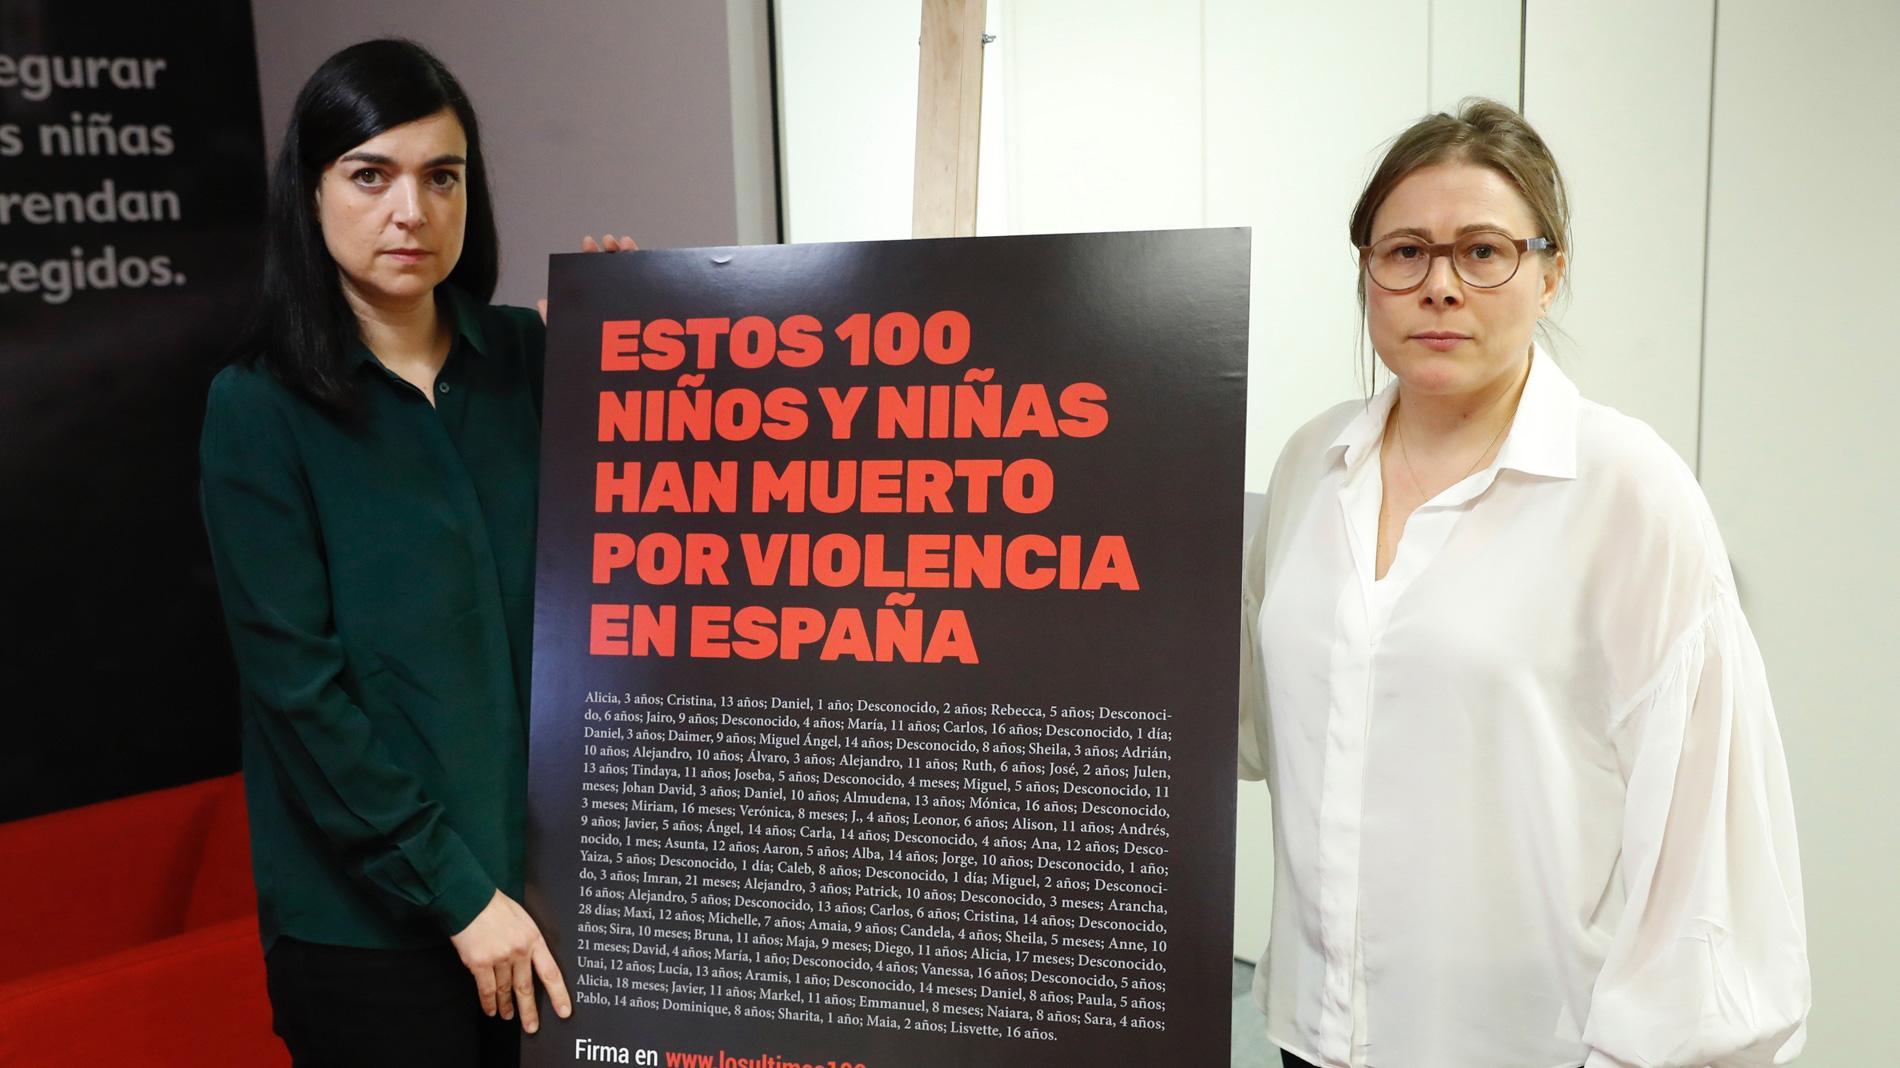 Al menos 100 niños han muerto en España en los últimos cinco años por algún tipo de violencia